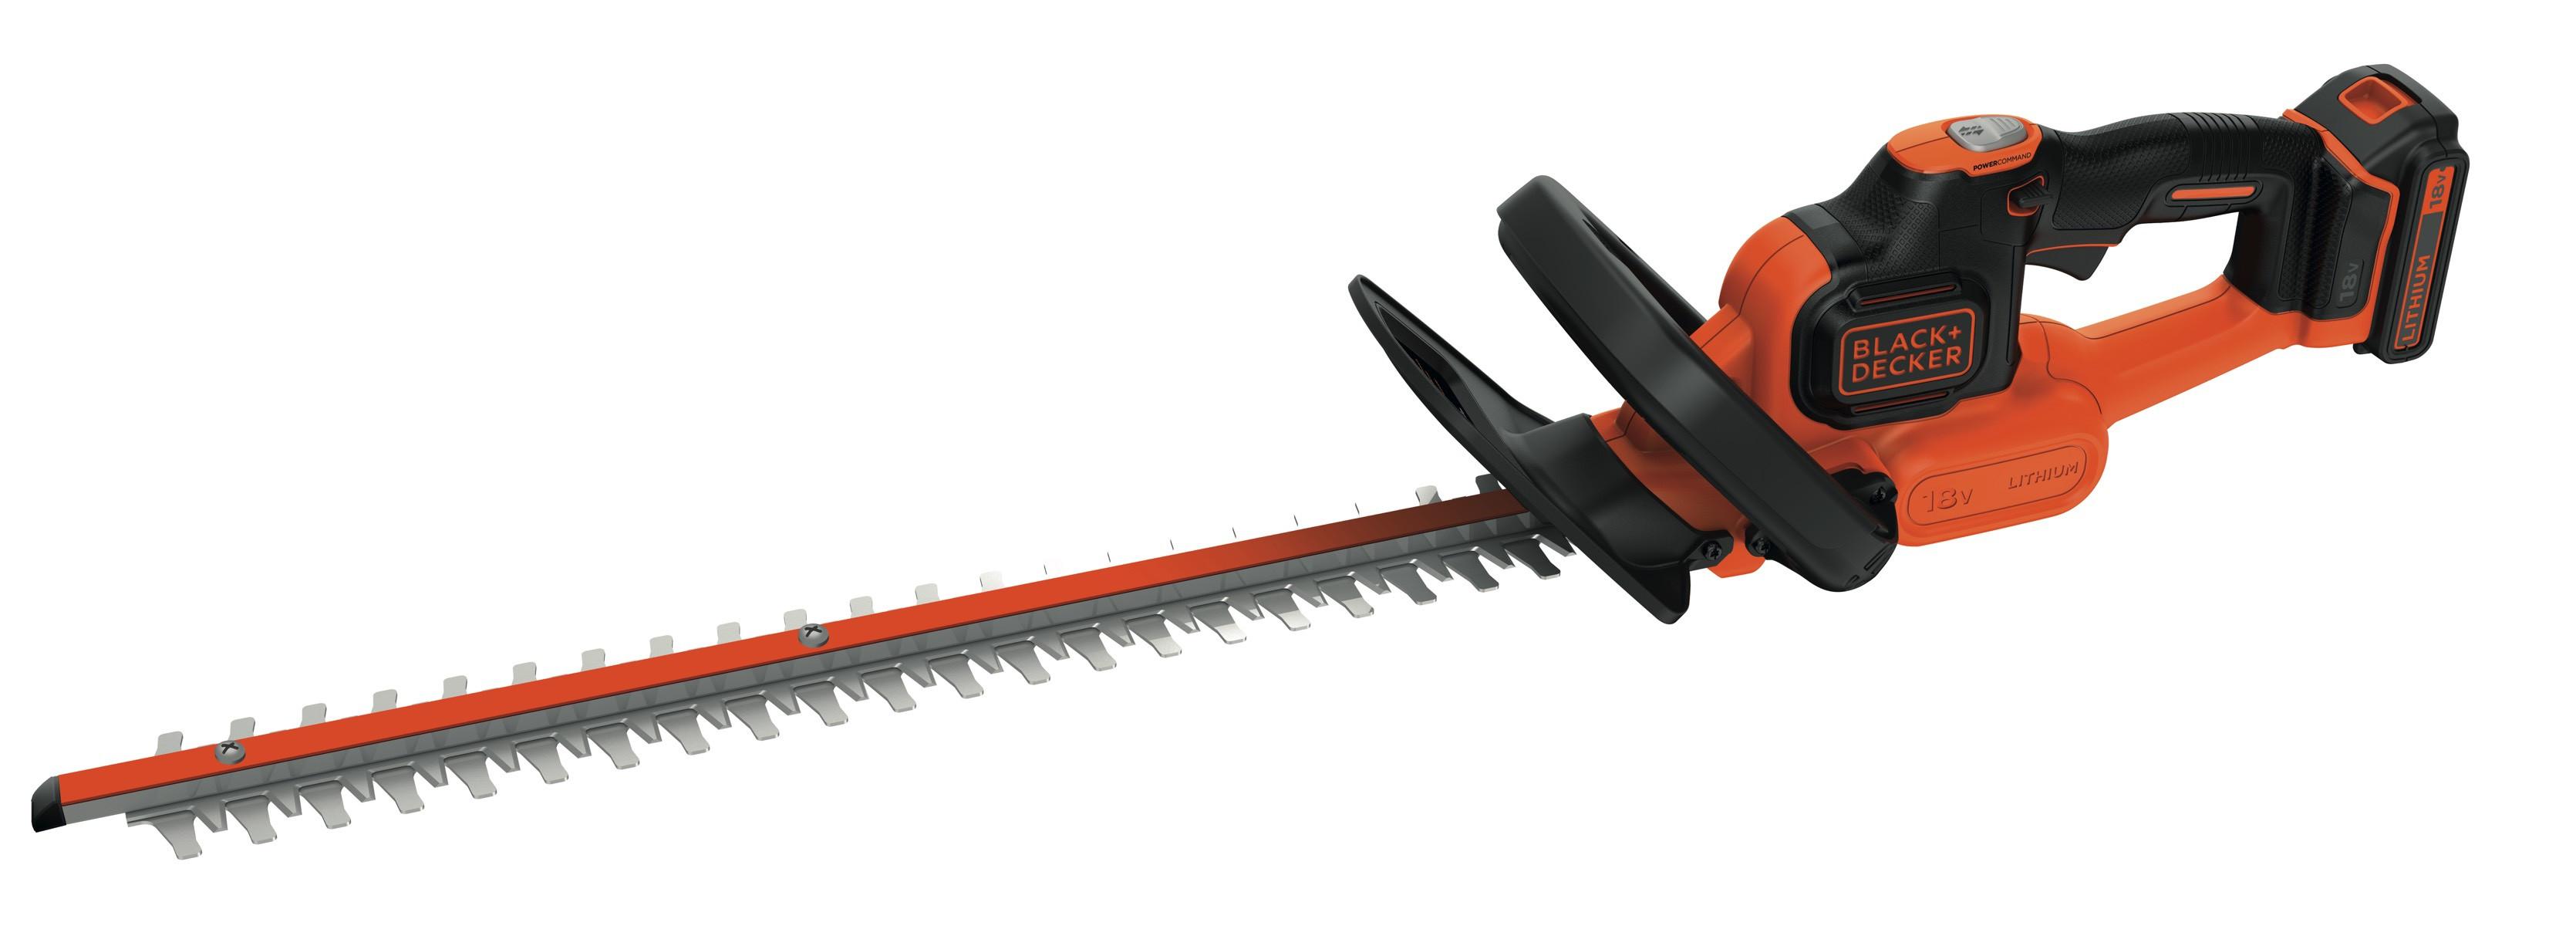 GTC18452PC-QW Taille-haies sans fil - 45 cm - 18 V - 2 Ah - Ecartement : 18 mm - Technologie anti-blocage de lame